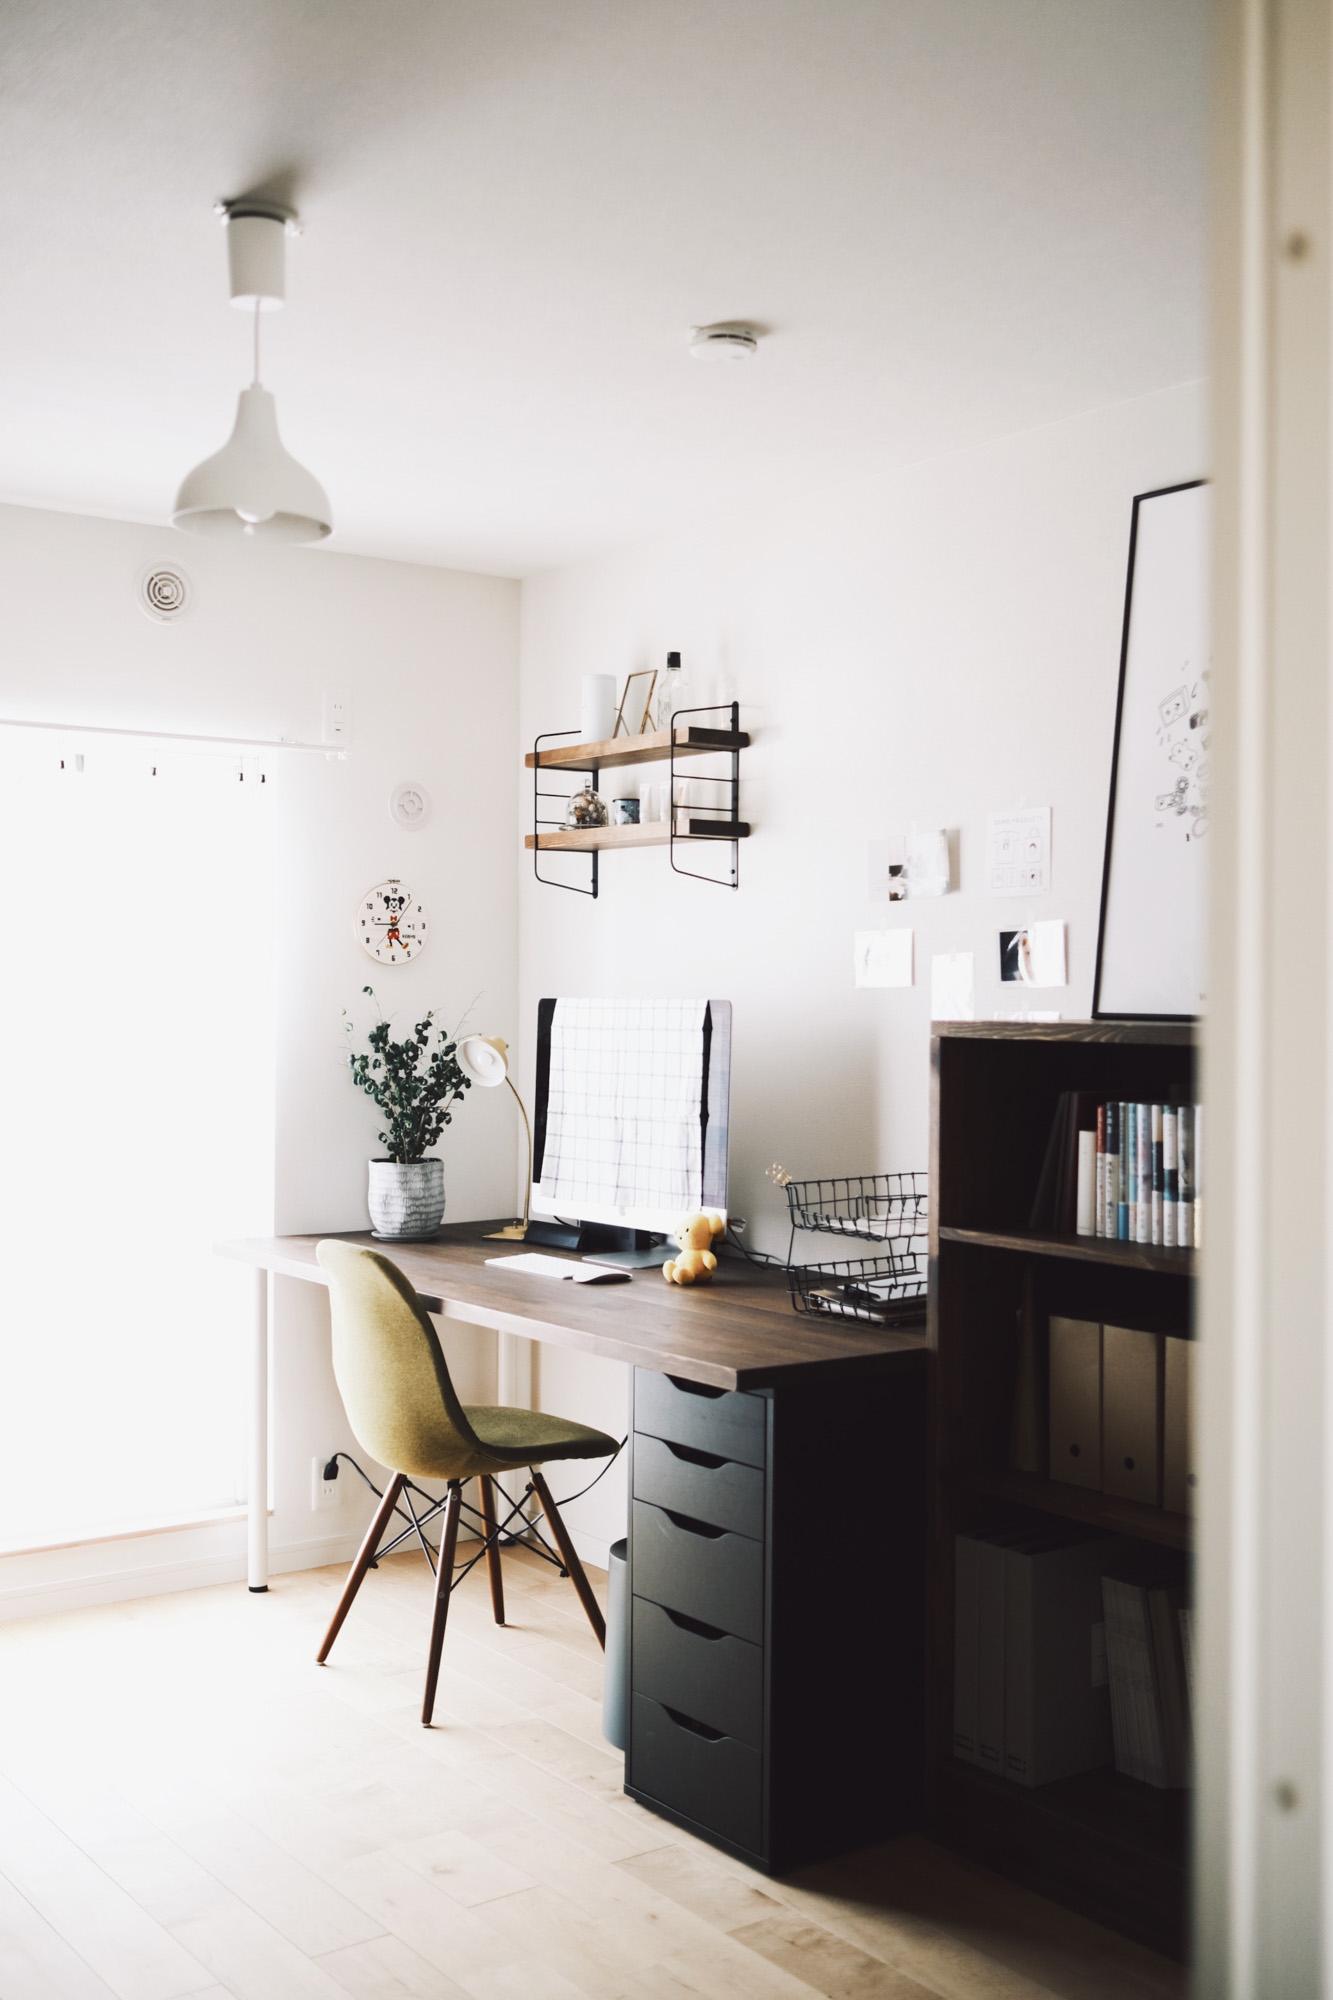 家でお仕事をする機会も増えたことから、もうひとつのお部屋には、DIYでデスクワークスペースも作られました。しっかりと測ってジャストサイズにすることで、デッドスペースを作らず、ゆとりもあって作業しやすそうな空間になっています